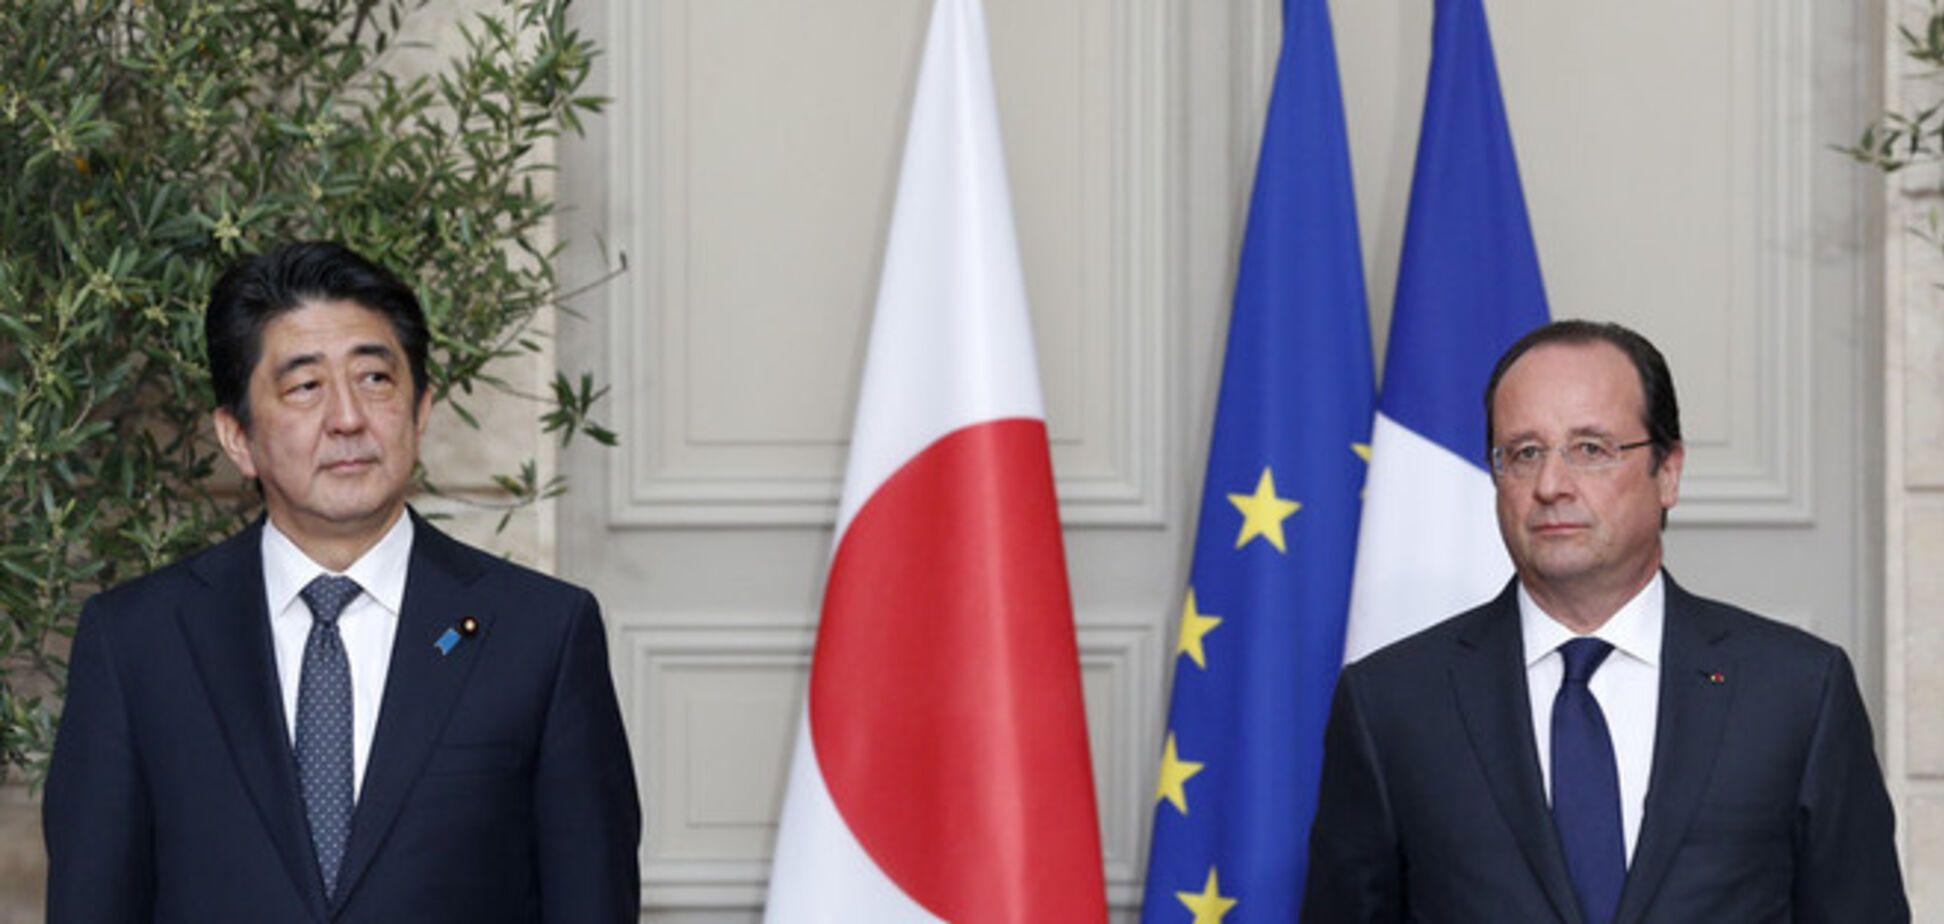 Франція і Японія закликали Росію до дипломатичного врегулювання конфлікту в Україні